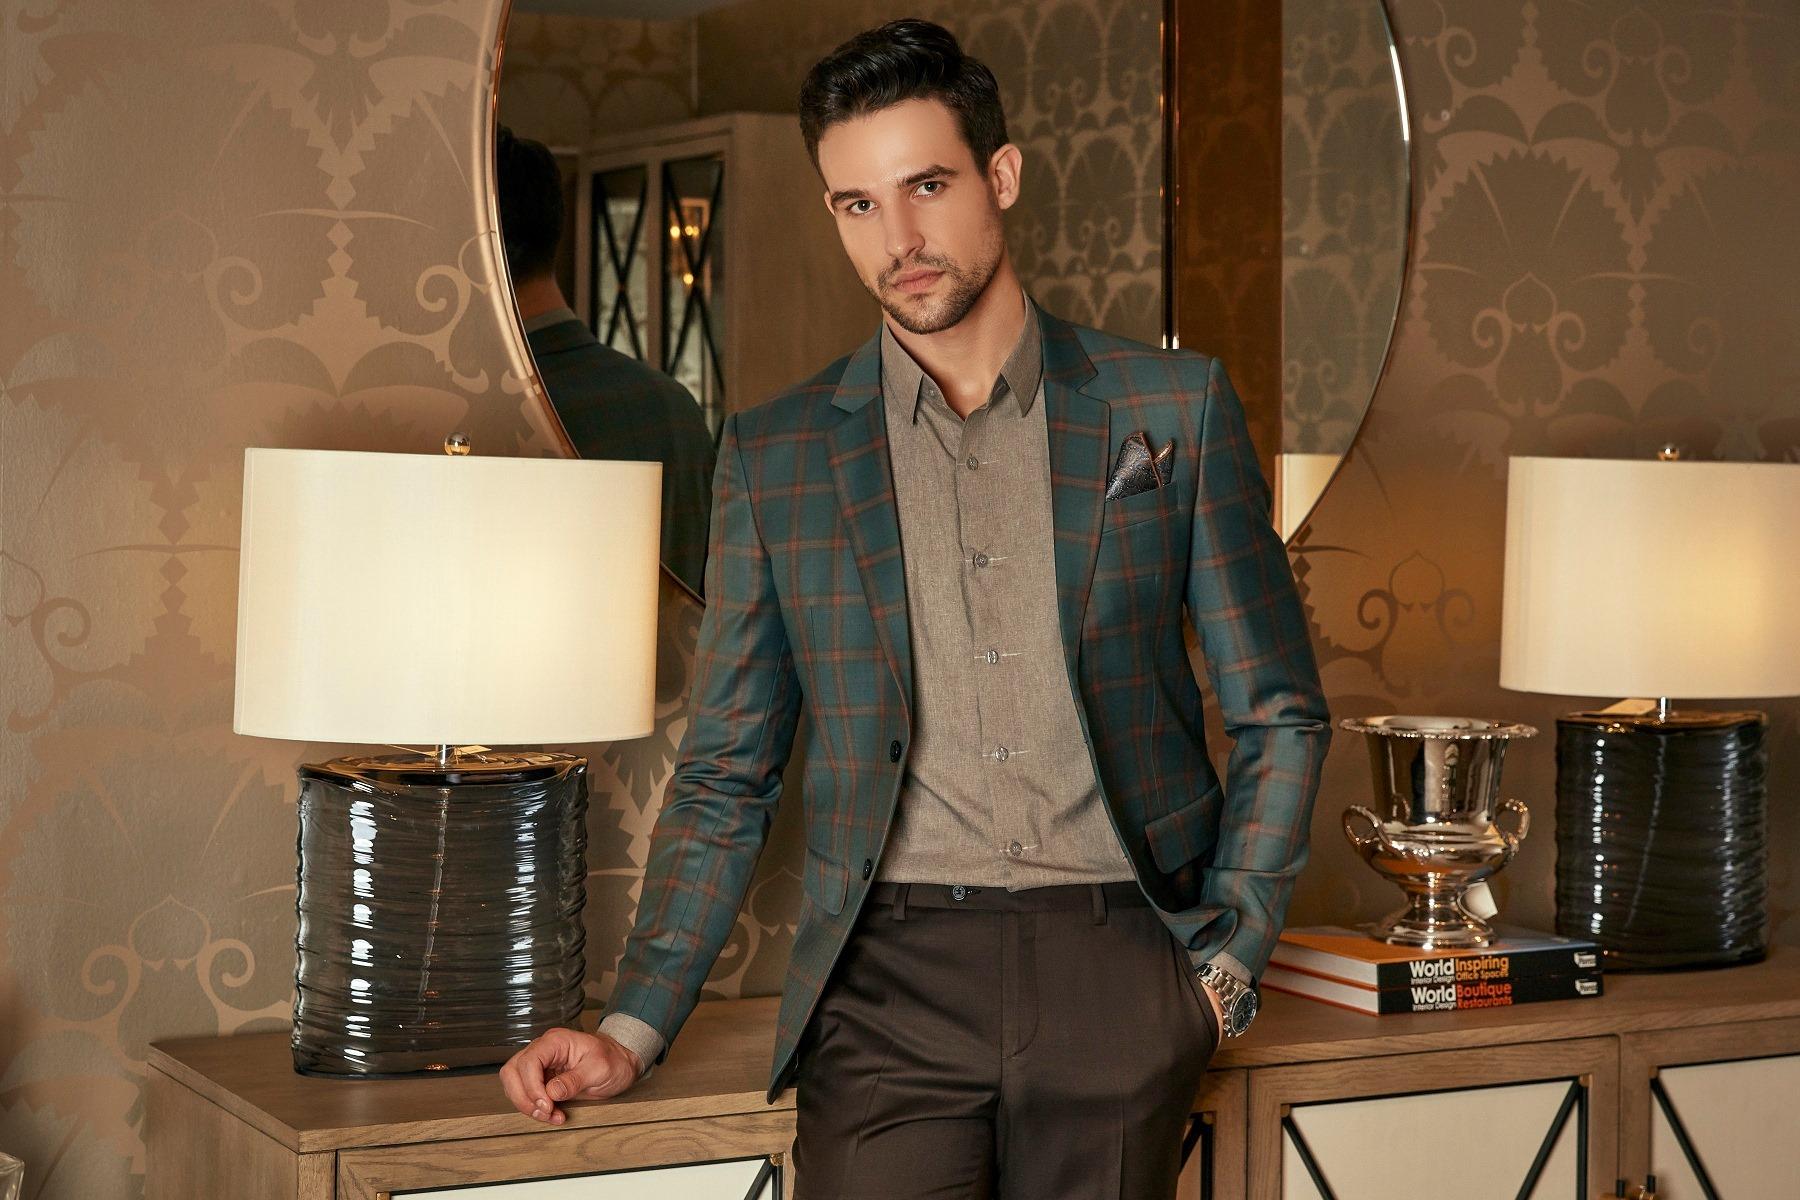 Vercelli Suiting Fabrics - Chất liệu vải Suit Doanh Nhân được ưa chuộng số 1 tại Mon  Amie